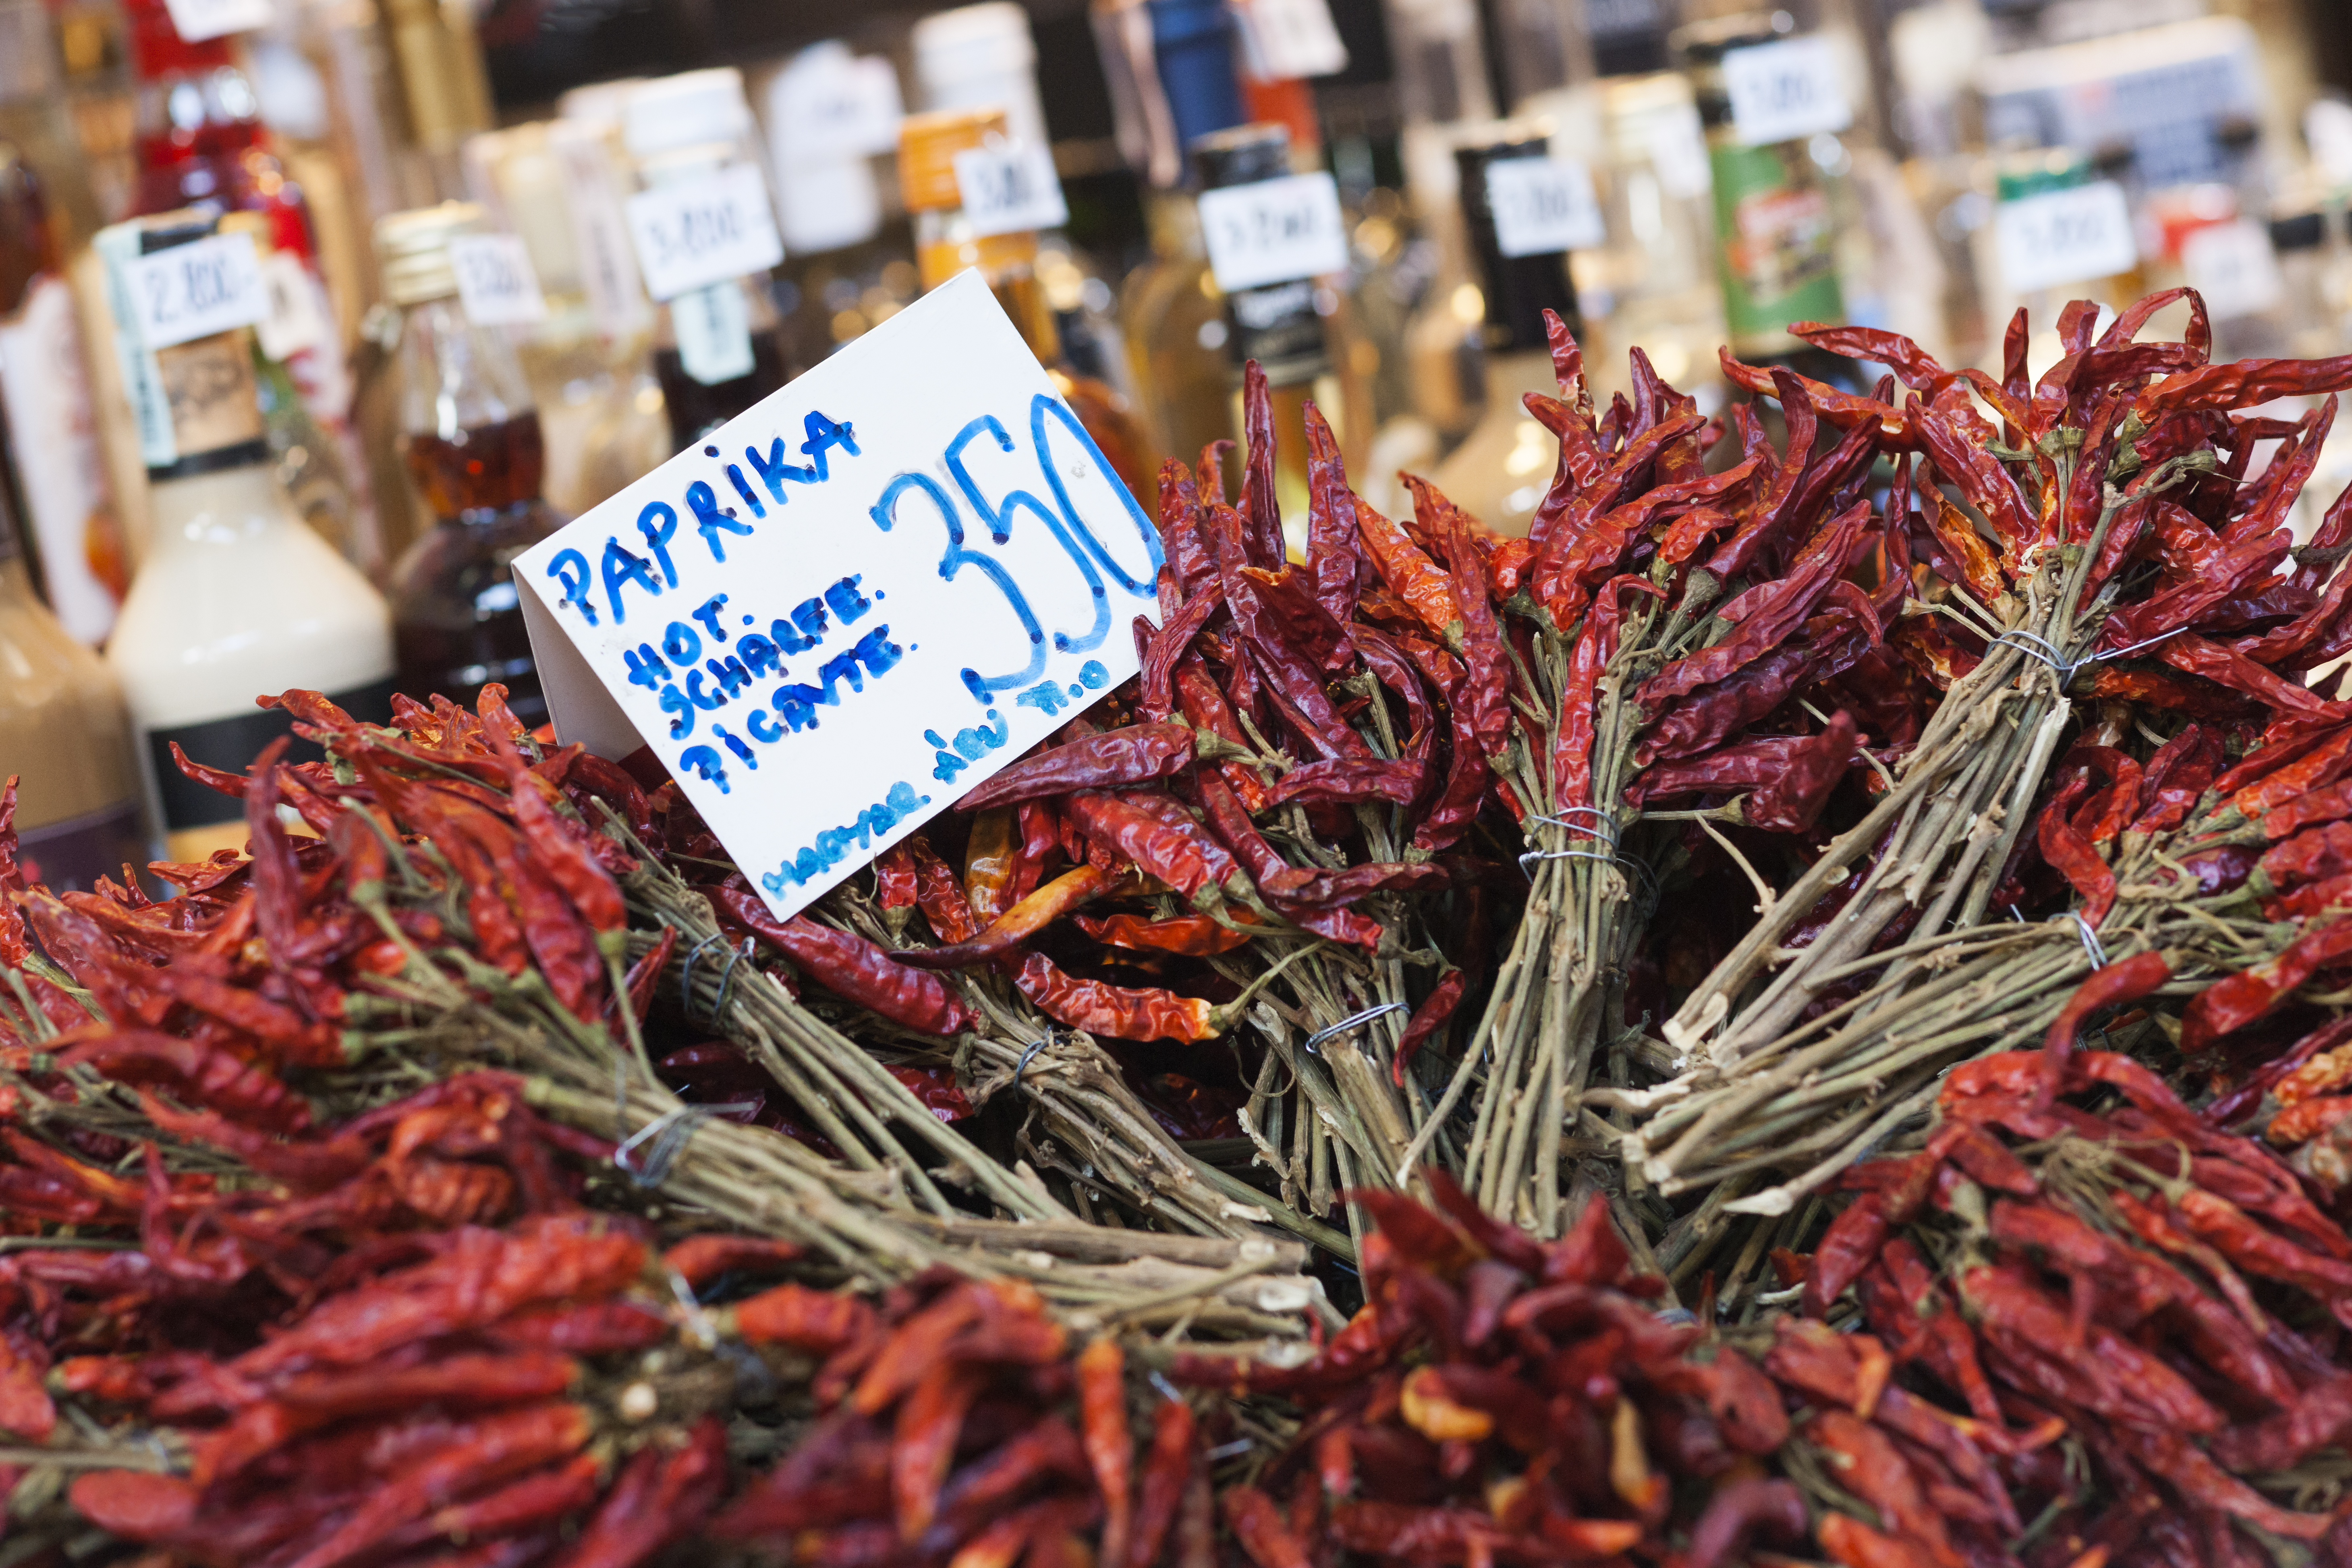 Descubre los olores y sabores del Mercado Central de Budapest - República Checa Circuito Capitales Imperiales Economy